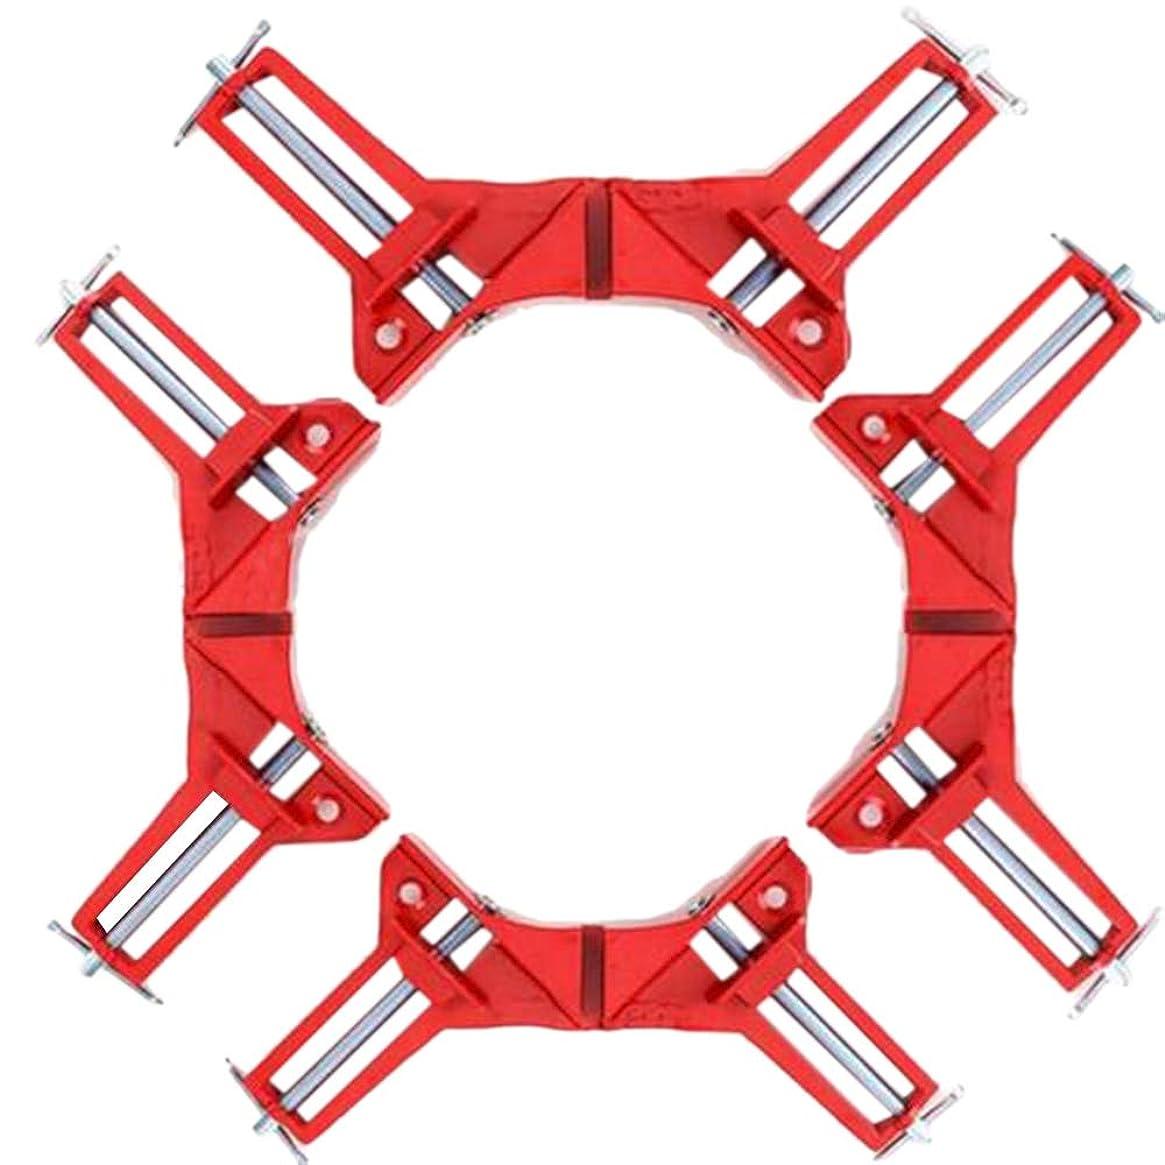 フォルダループ枯渇Gaoominy 4ピース頑丈な90度直角クランプdiyコーナークランプクイック固定水槽ガラスウッド額縁木工直角